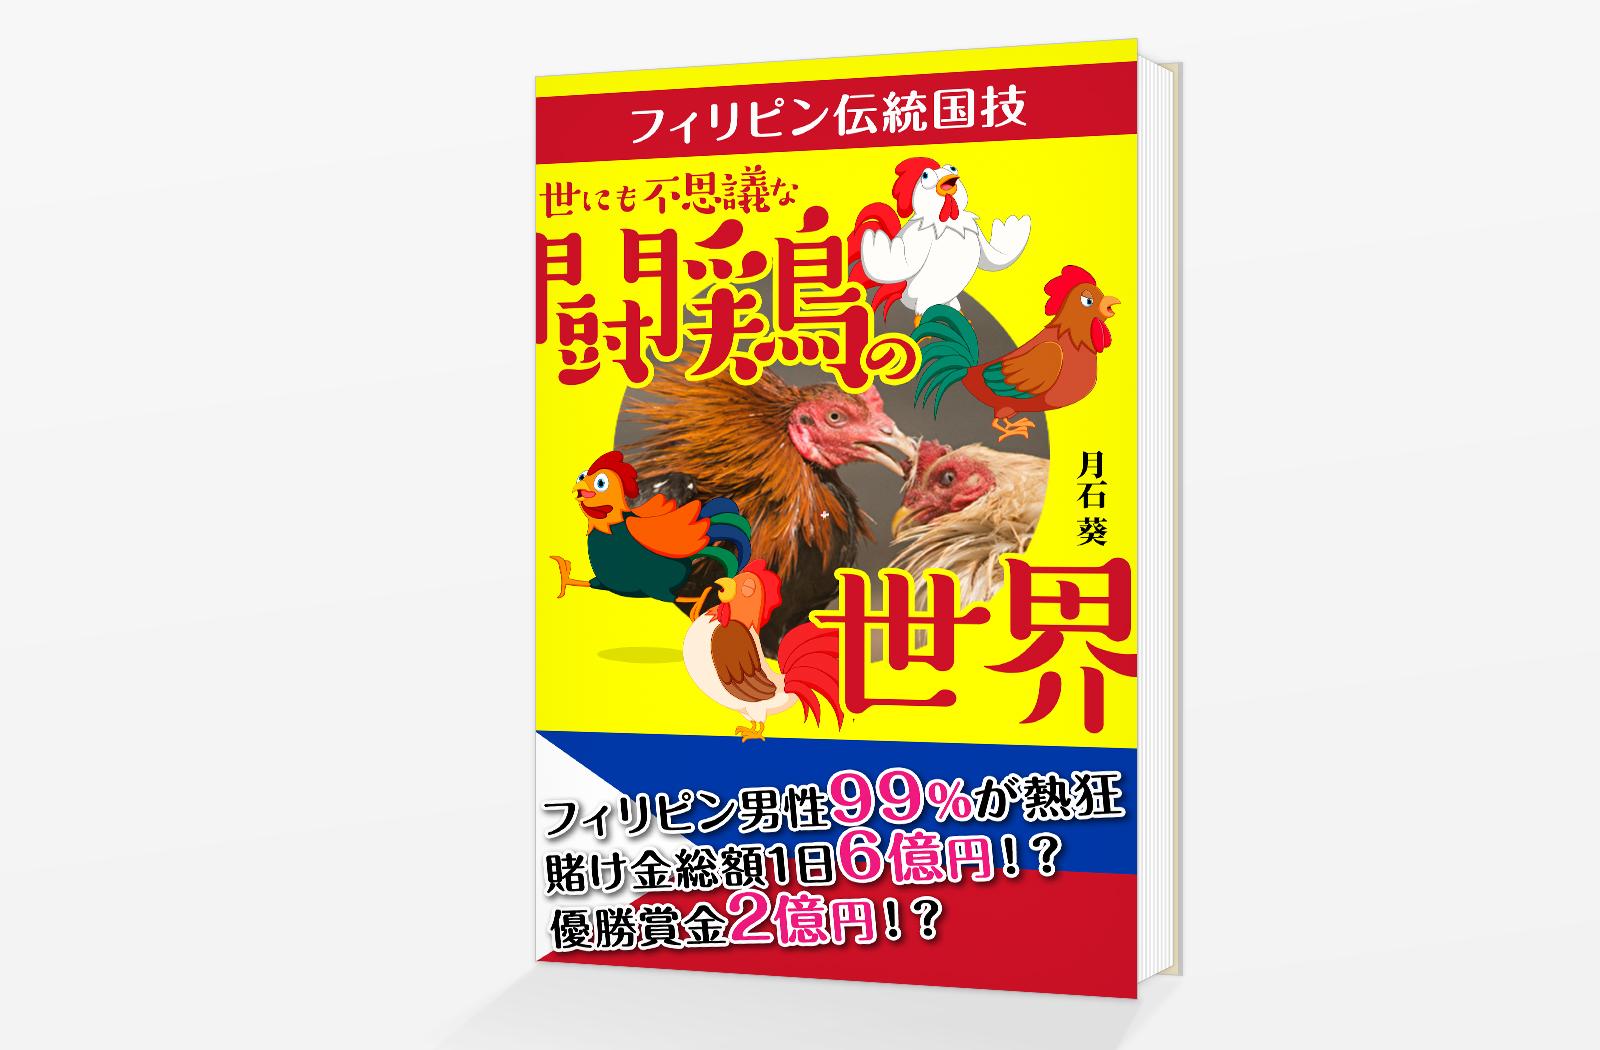 世にも不思議な闘鶏の世界--フィリピン男性99%が熱狂するフィリピン伝統国技1